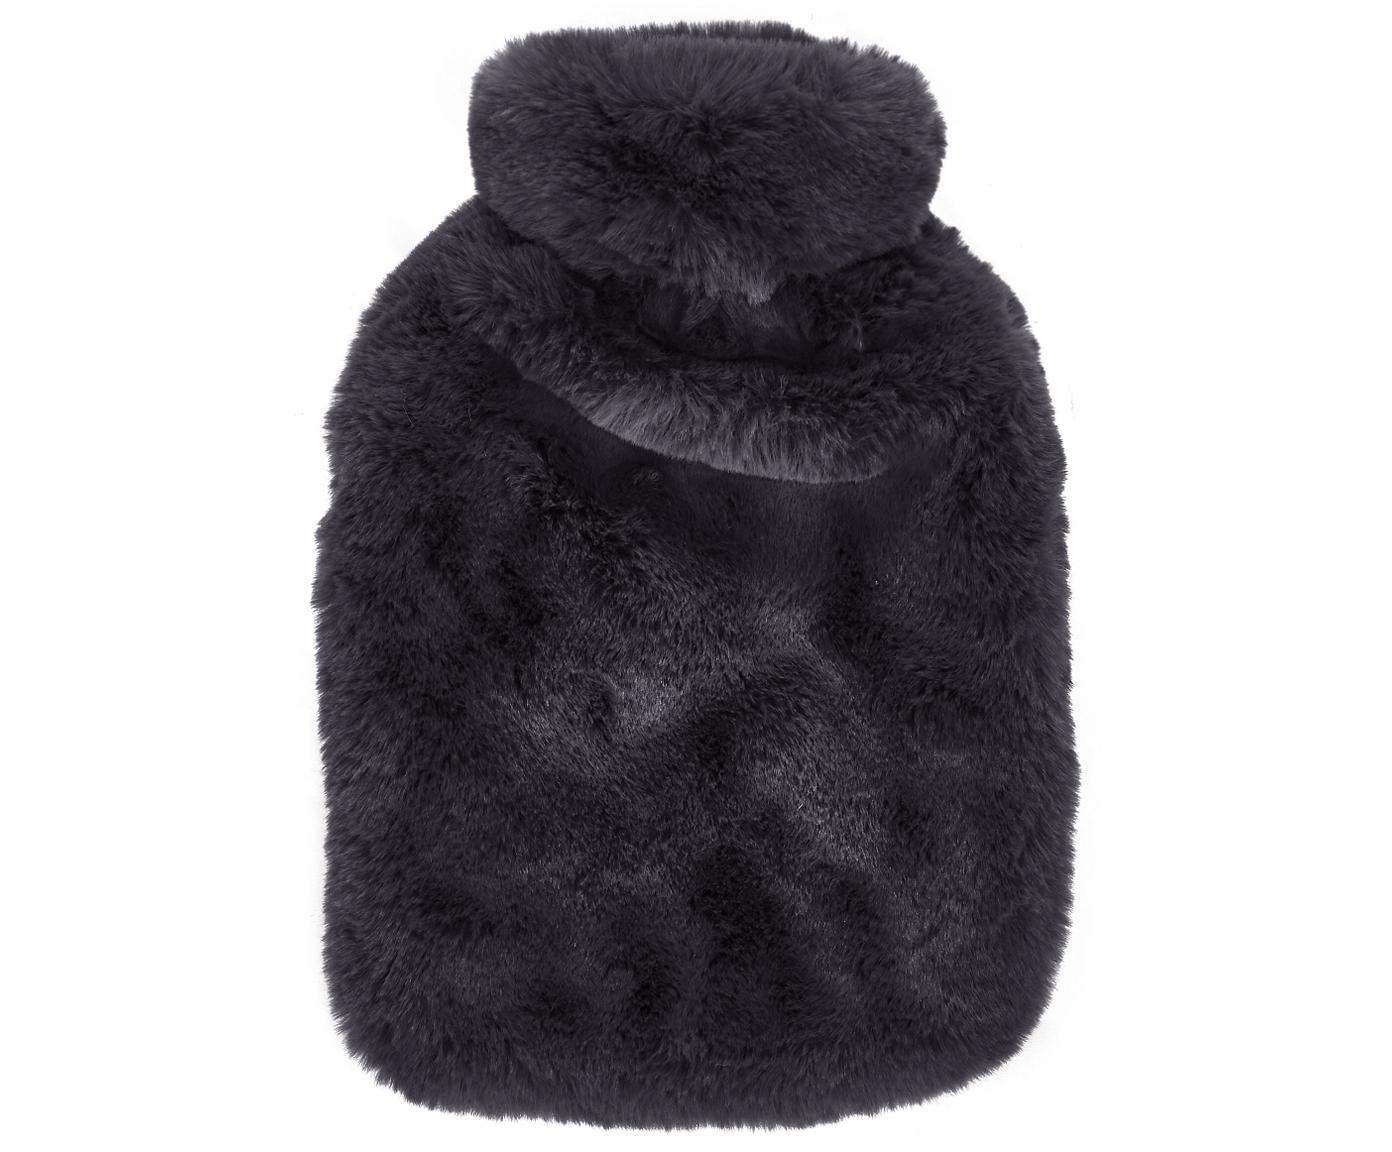 Borsa dell'acqua calda in pelliccia sintetica Mette, Rivestimento: 100% poliestere, Grigio scuro, Larg. 20 x Lung. 32 cm